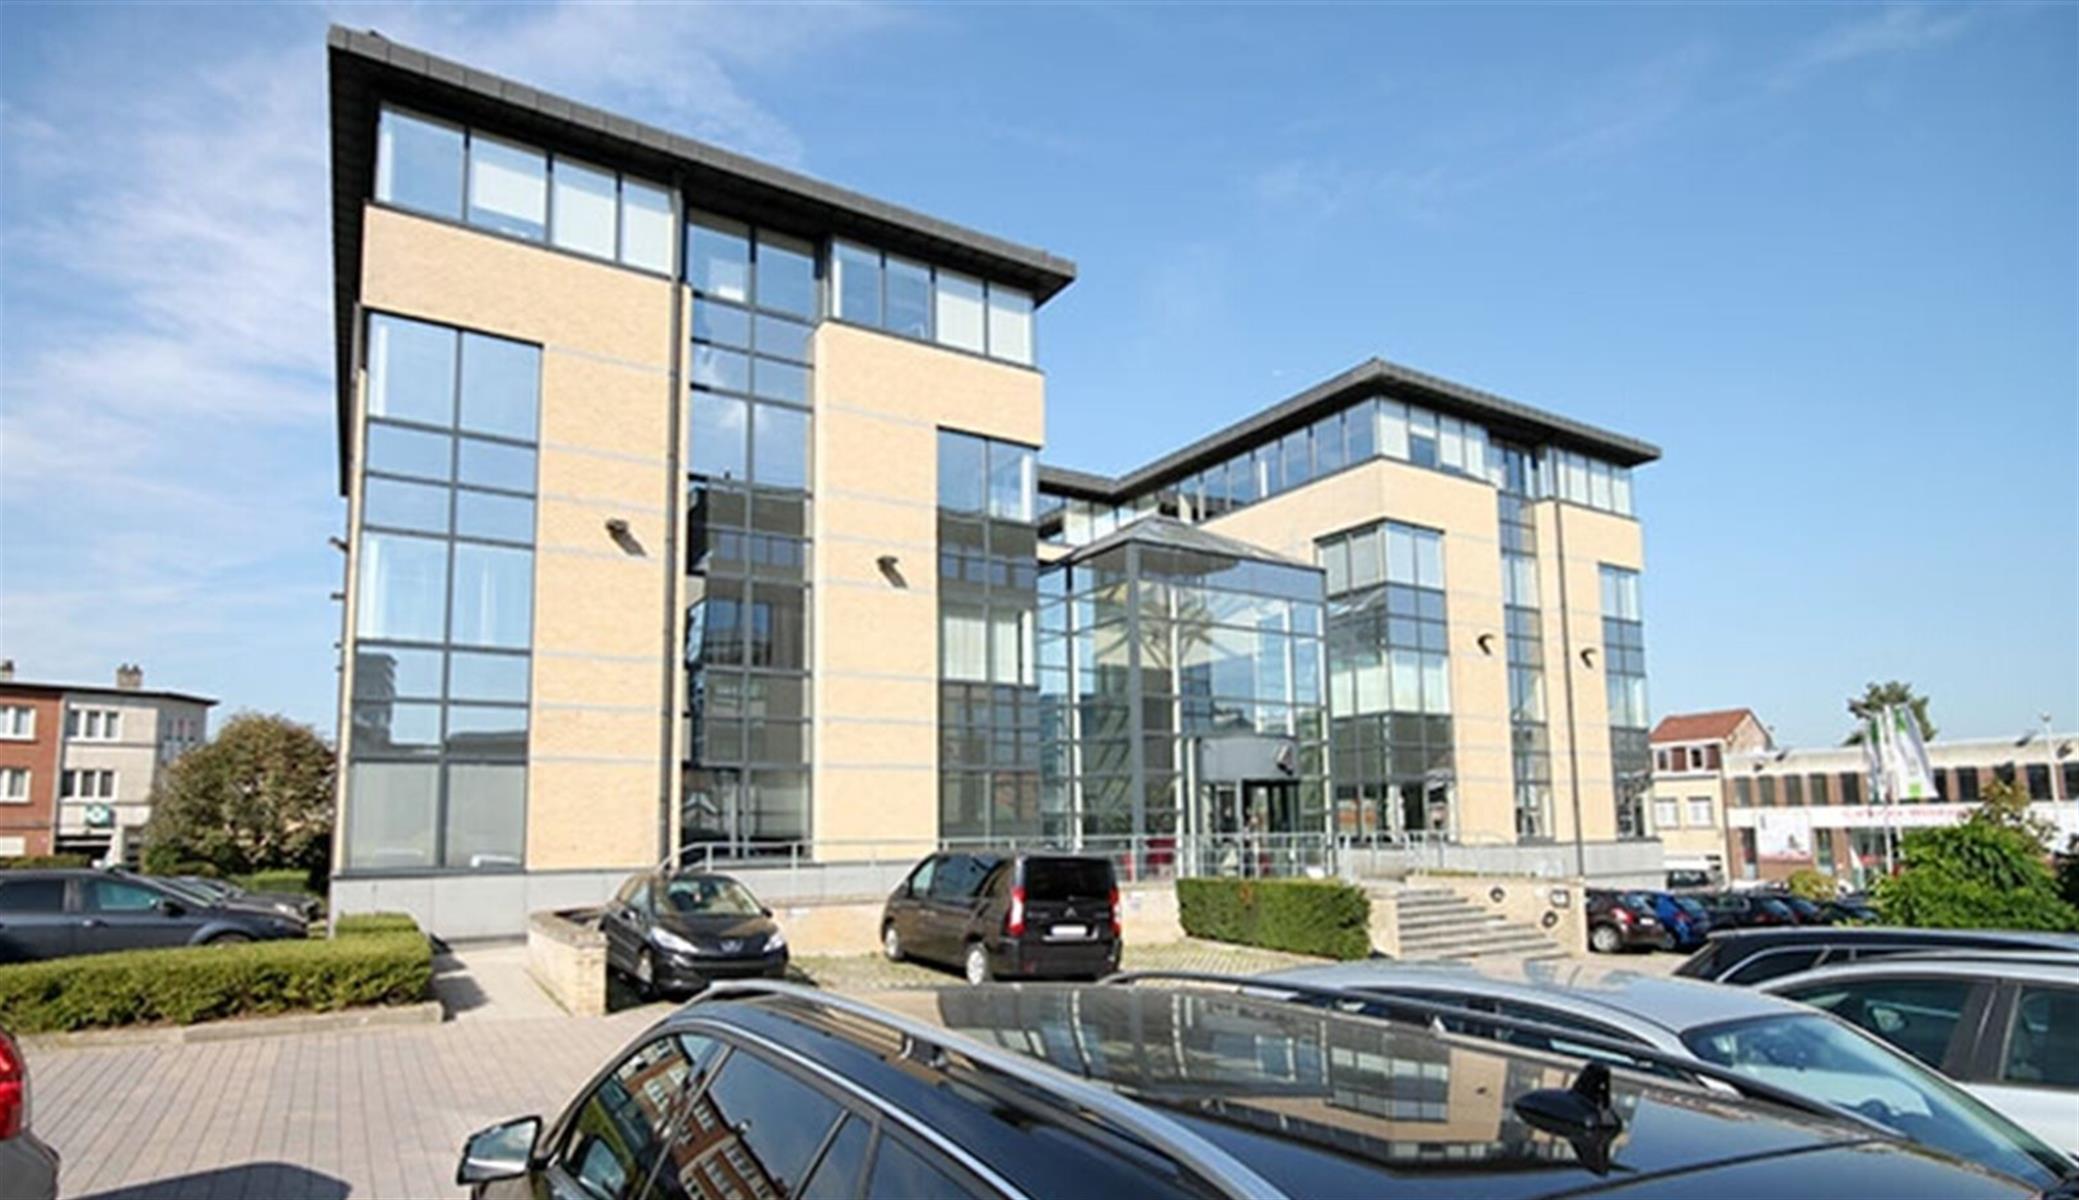 kantoor te huur I130 - Pontbeekstraat 2, 1702 Dilbeek, België 2